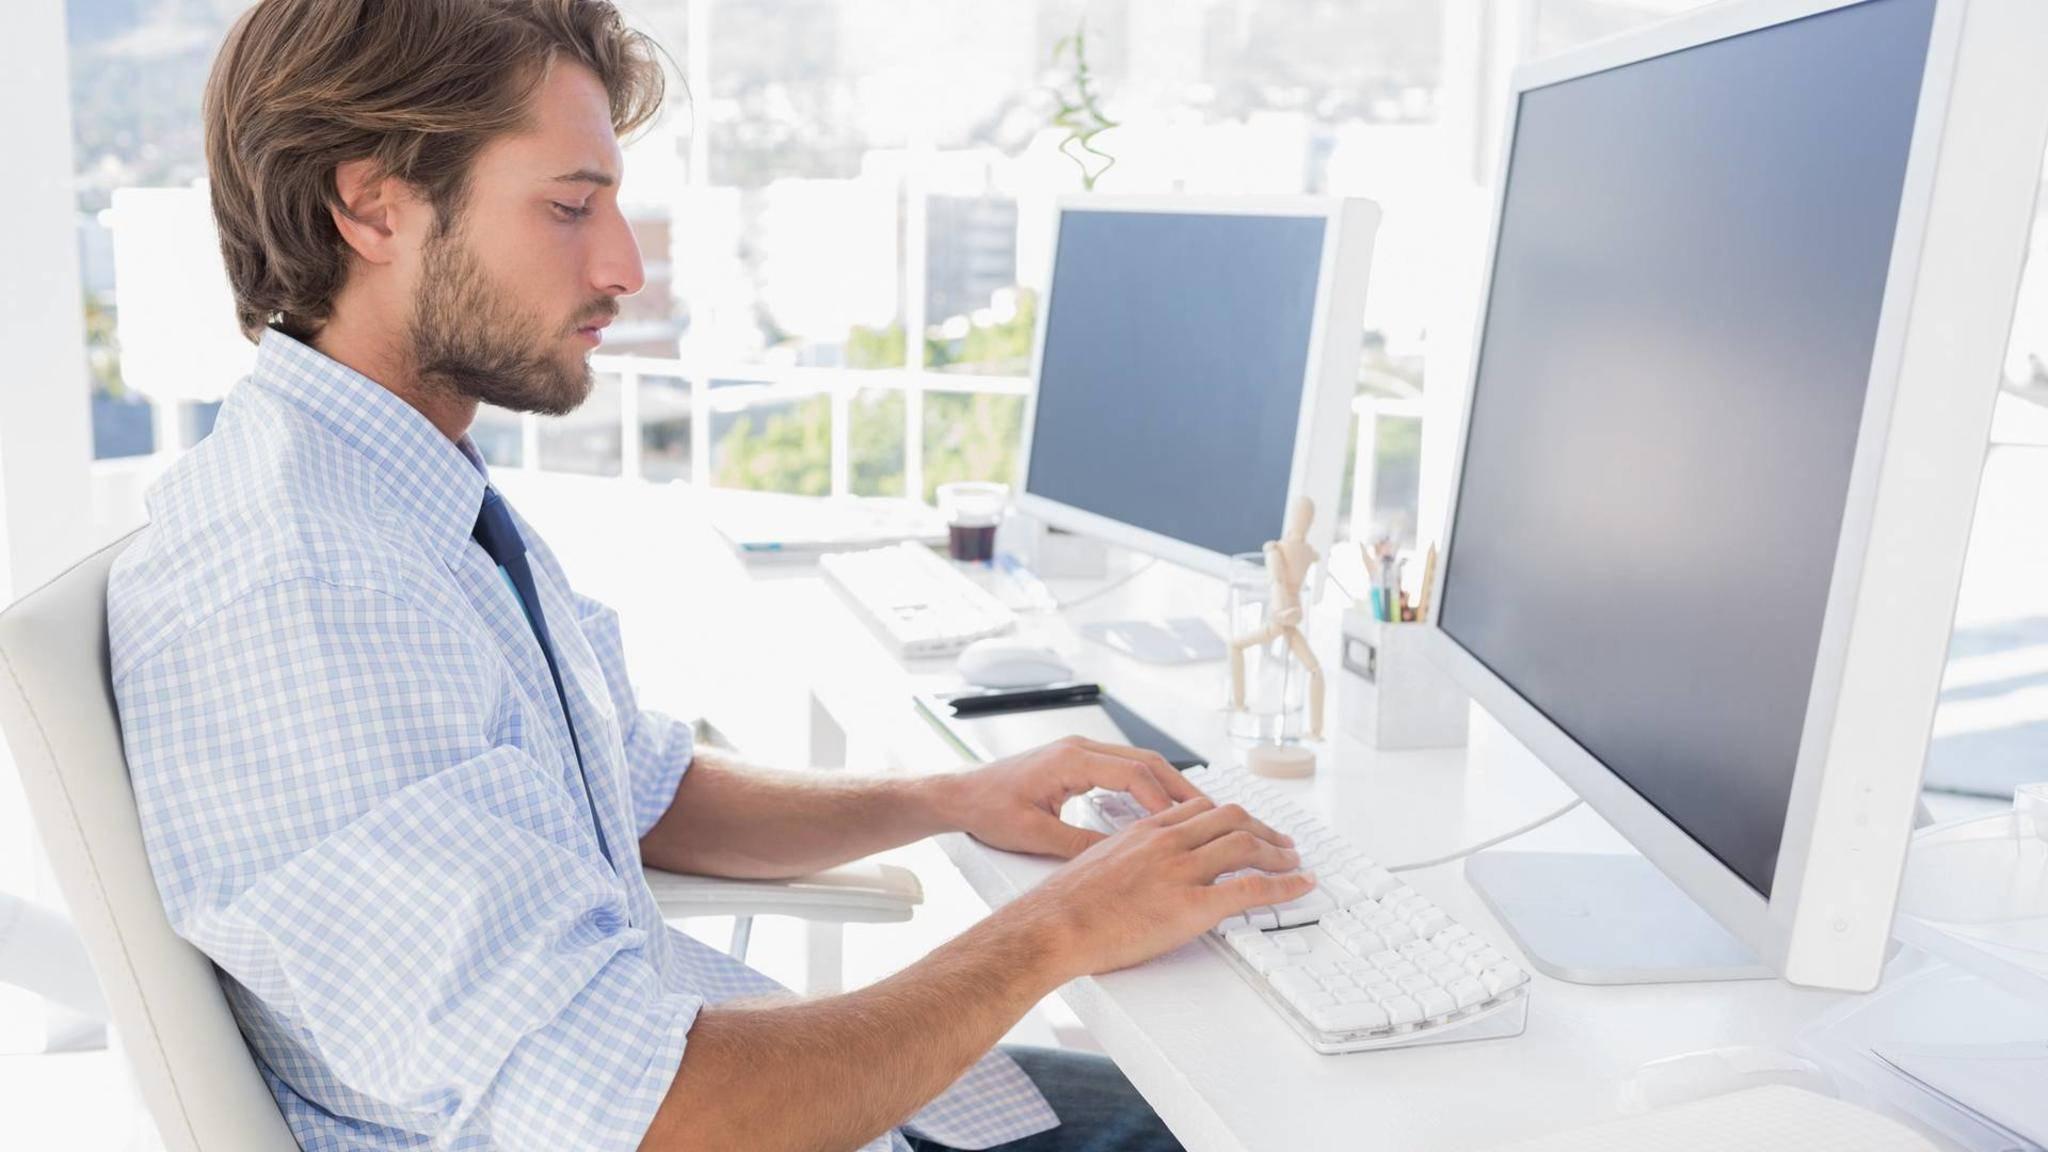 Viele Behörden-PCs wurden noch nicht auf Windows 10 geupdated.